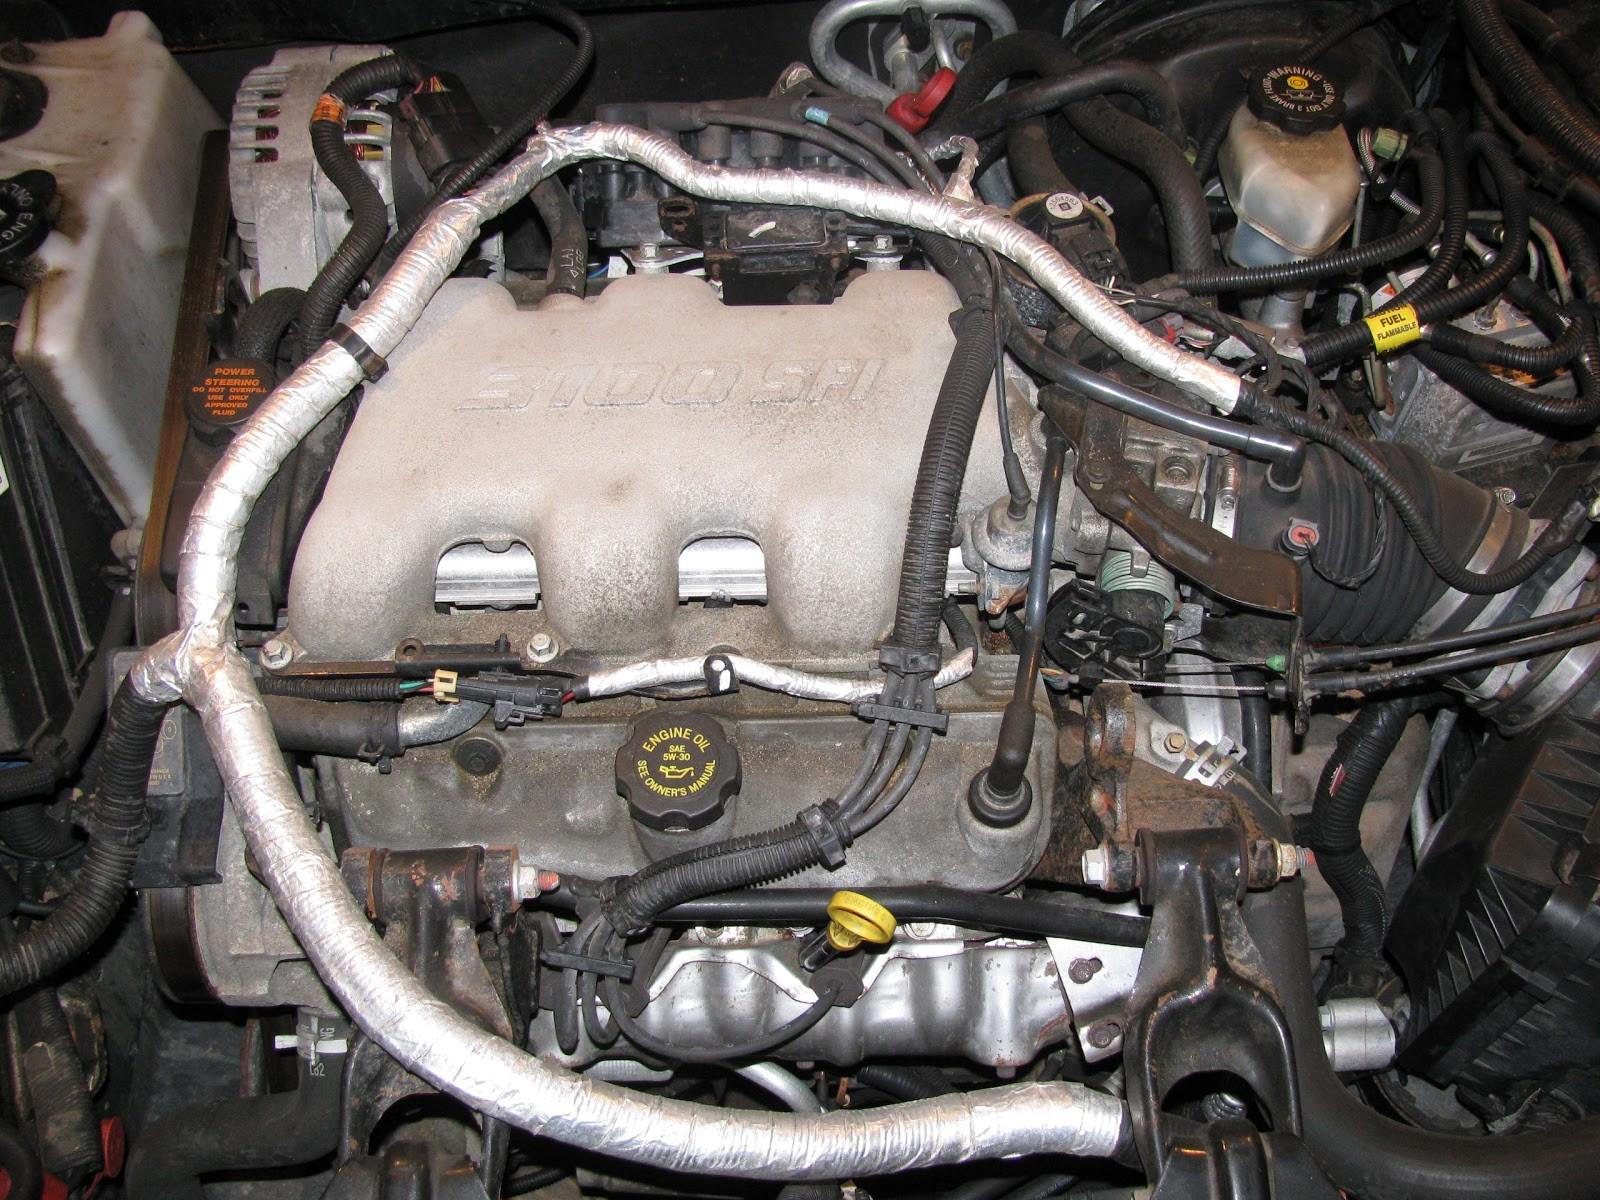 3100 Sfi V6 Engine Diagram the original Mechanic 3 1l Engine Gm Replacing Intake Manifold Of 3100 Sfi V6 Engine Diagram